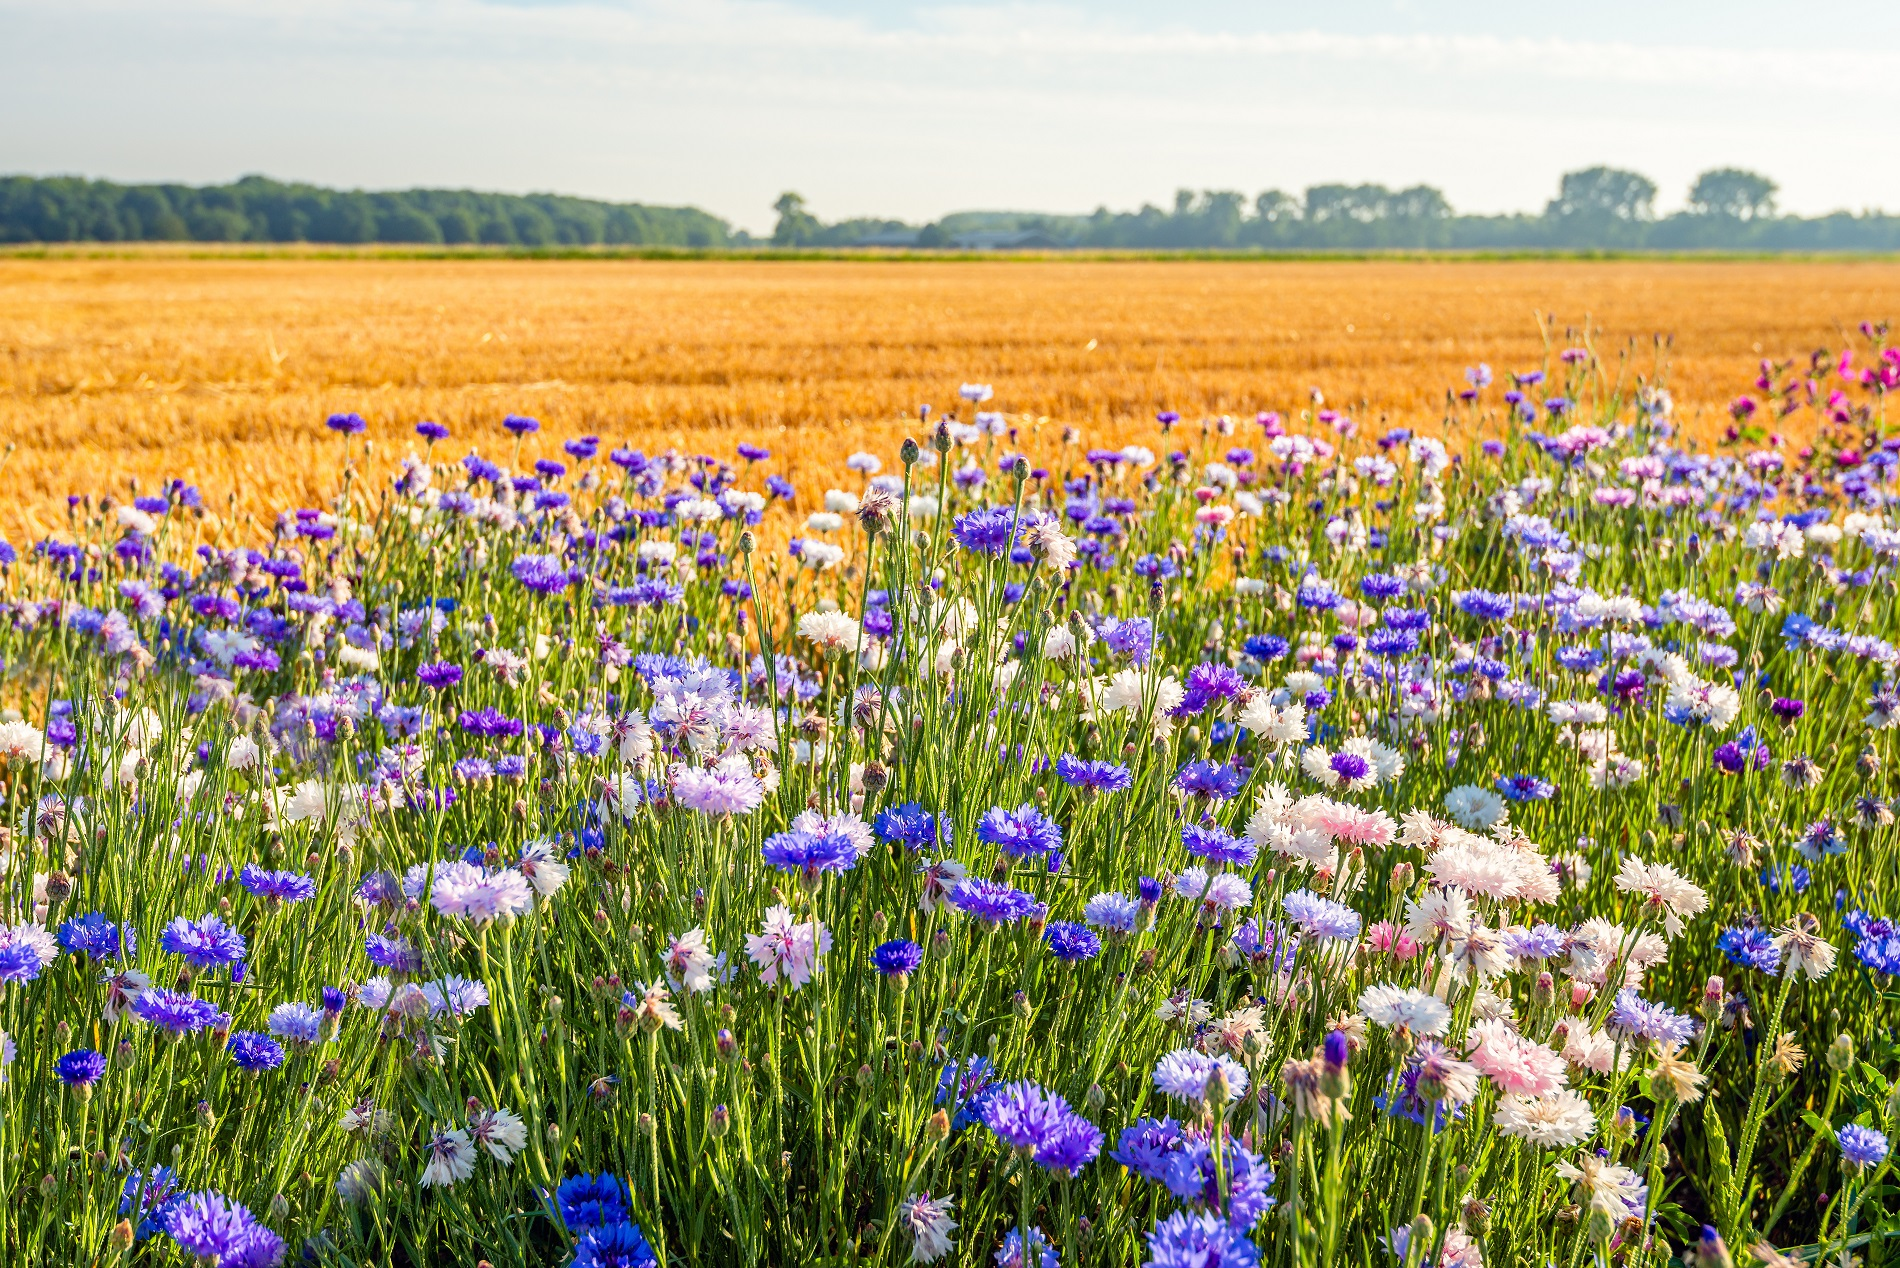 Agricultura y biodiversidad: dos caras de una misma moneda